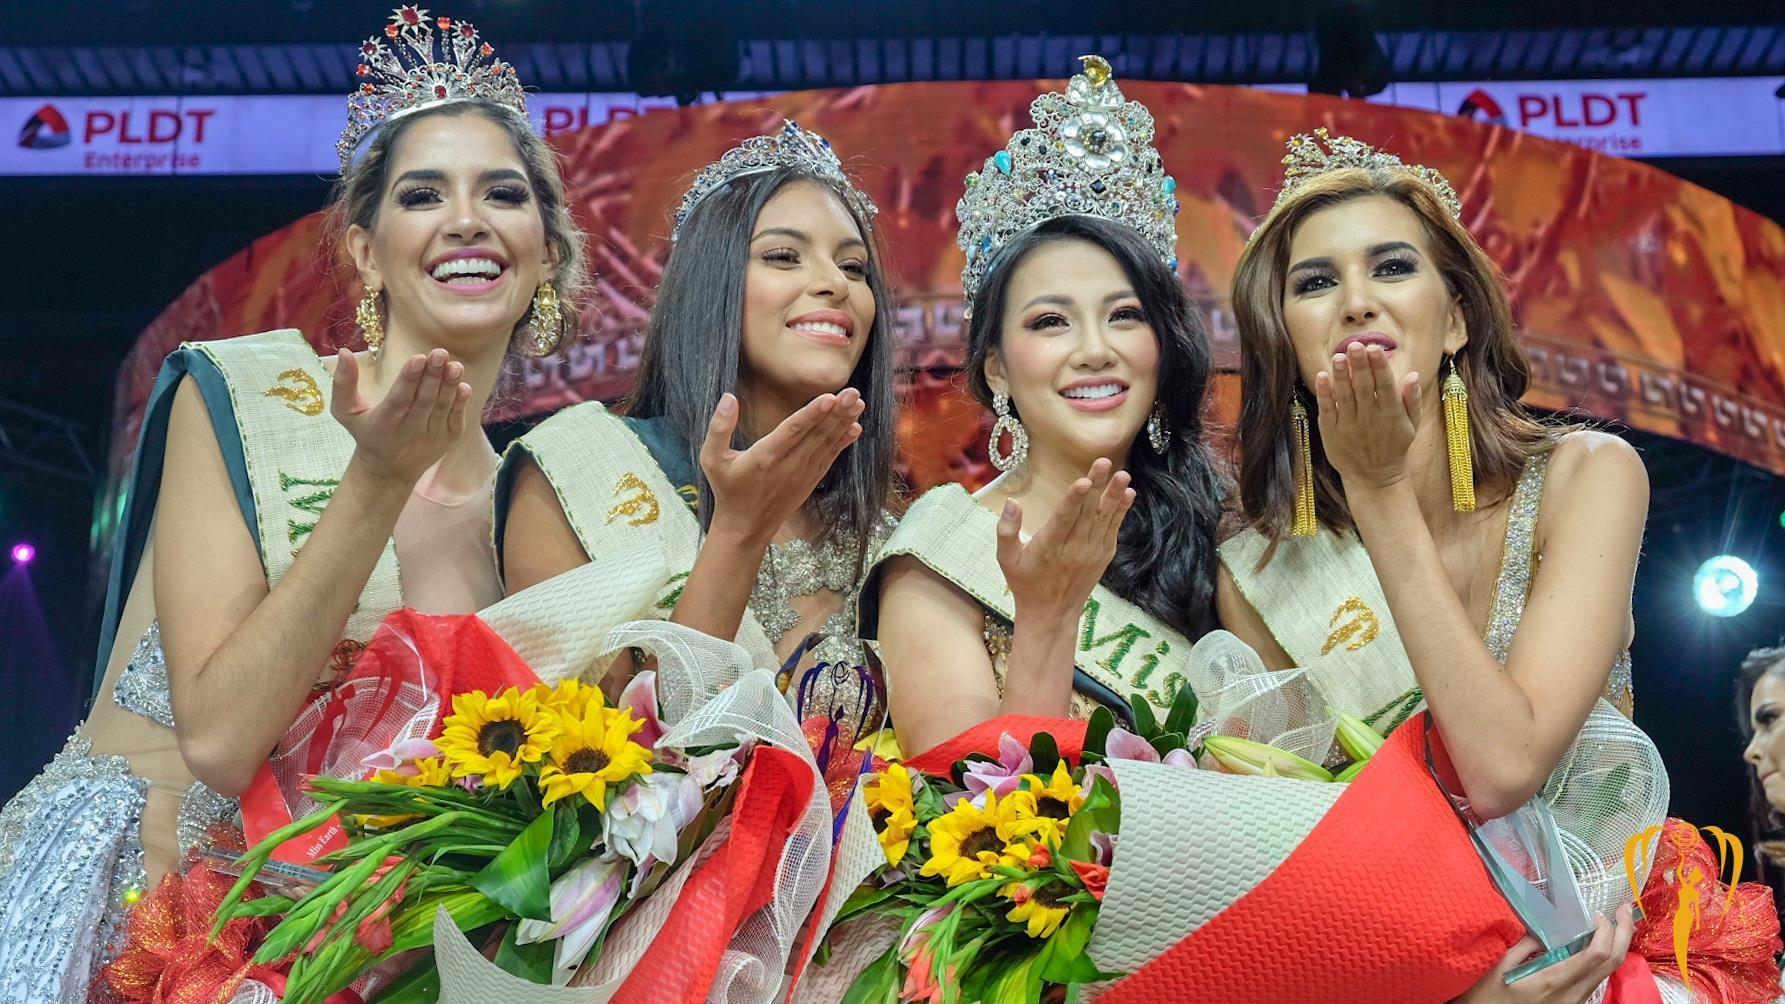 Kỳ tích cô gái Ê đê vào top 5 Hoa hậu Hoàn vũ và những người đẹp 'xấu xí'